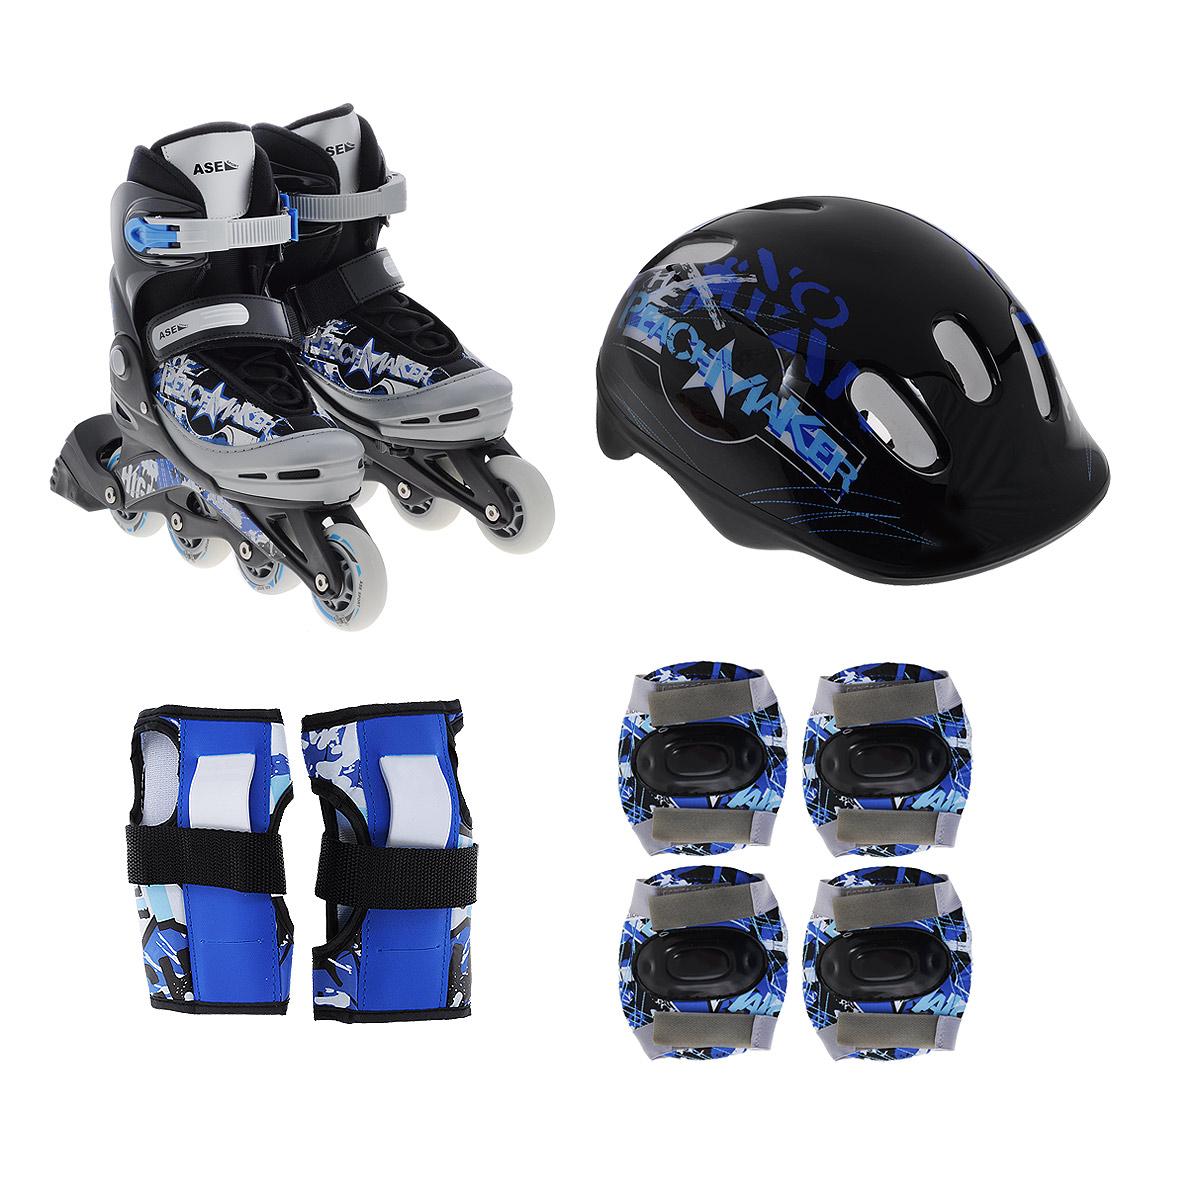 Комплект Ase-Sport Combo: коньки роликовые, шлем, защита, цвет: синий. ASE-617M. Размер M (34/37)COMBO ASE-617MКомплектуются роликовыми коньками ASE-617. Конструкция: верх сапожка изготовлен из современного синтетического материала, стойкого к внешним воздействиям. Внутри сапожка отделка сделана из синтетического материала с мягкой подкладкой в боковых частях для более удобной и надежной фиксации ноги во время катания. Застежка типа AUTO LOCK удобно регулируется на нужный размер. Система изменения размера корпуса проста в использовании, позволяет быстро и комфортно подогнать сапожок под ногу. ы Корпус роликов изготовлен из прочного пластика, стойкого к механическим нагрузкам и внешним воздействиям окружающей среды. Интегрированная в корпус рама (единая конструкция) дает дополнительную прочность корпусу, исключая риск поломки при механических нагрузках, а также эффективно гасит вибрацию во время катания. Стельки сделаны из специального вспененного материала, который удобно повторяет анатомическое строение стопы ноги и дополнительно поглощает вибрацию. Шнуровка коньков:...